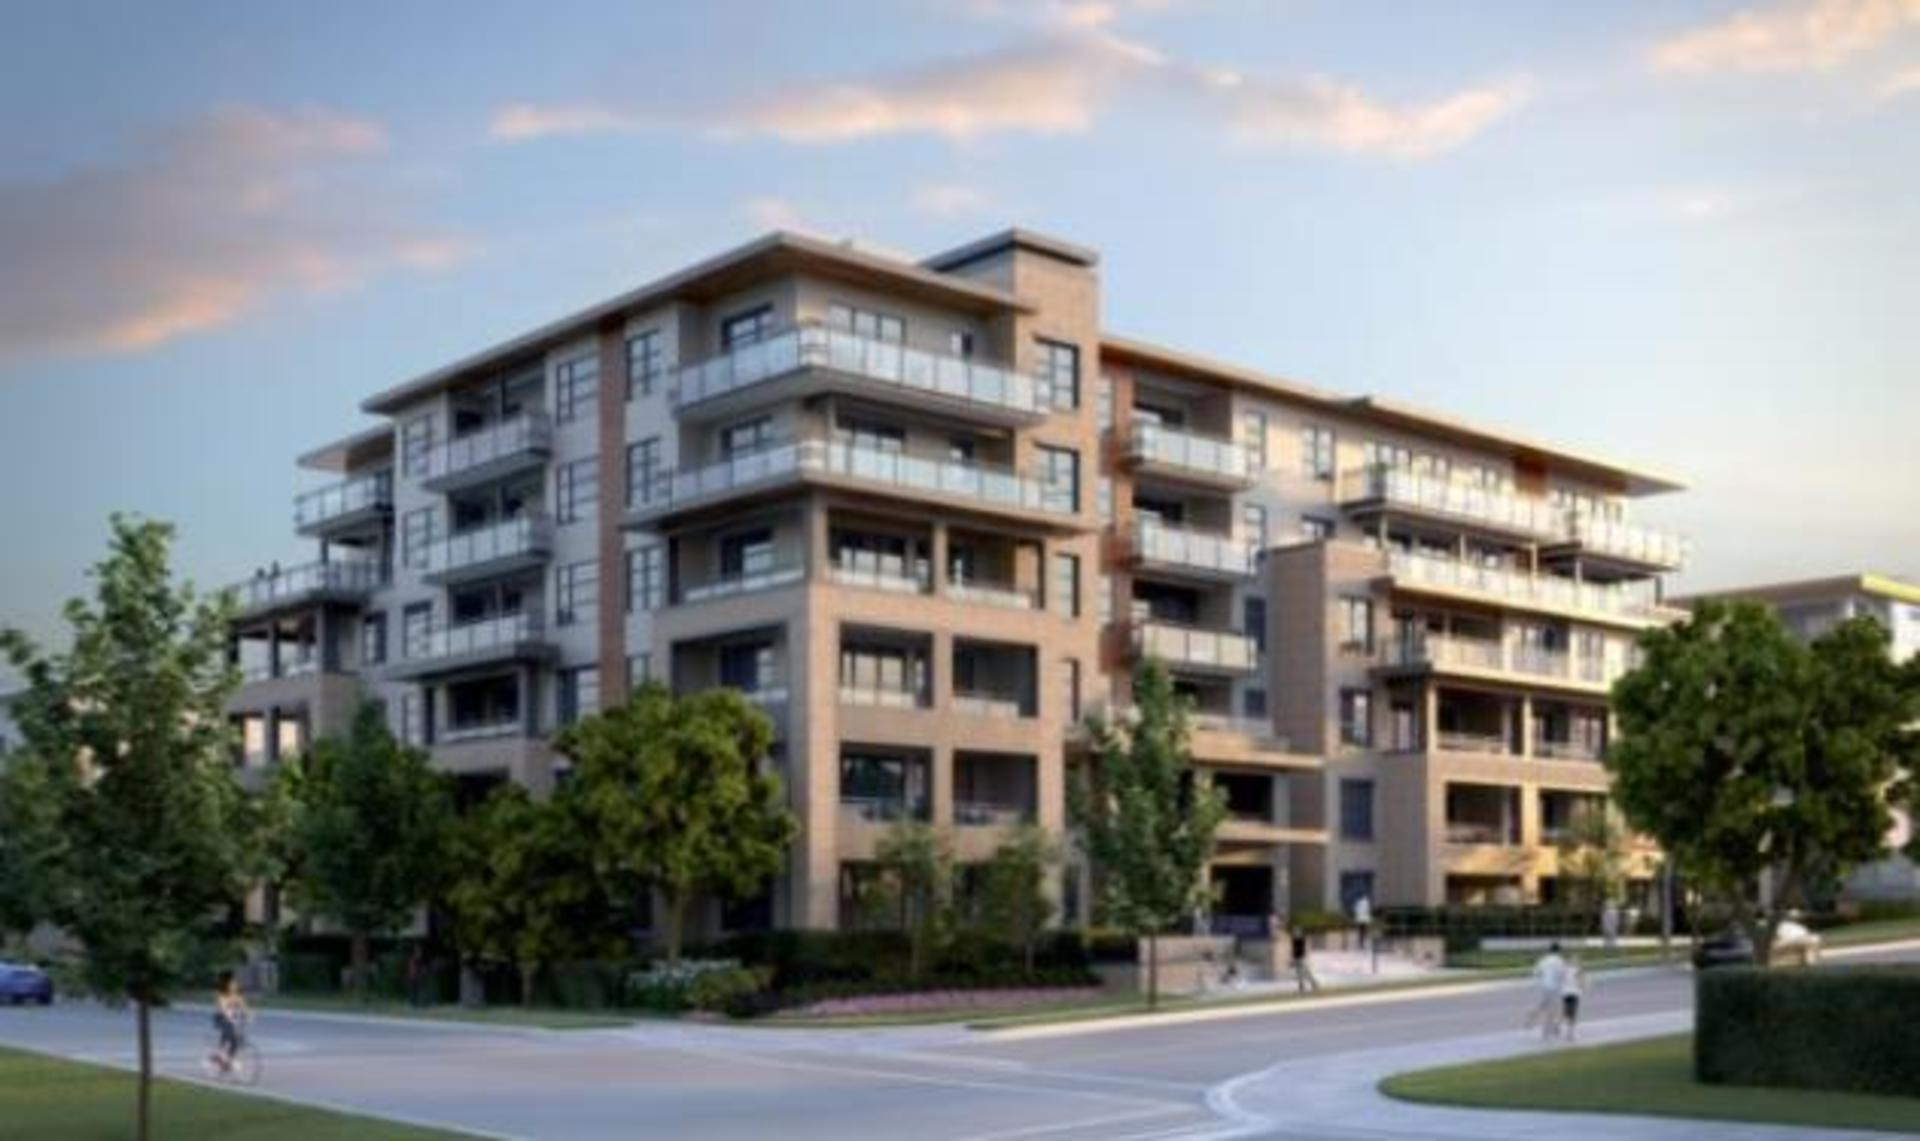 Regan_West_rendering at Regan West (607 Regan Avenue, Coquitlam West, Coquitlam)